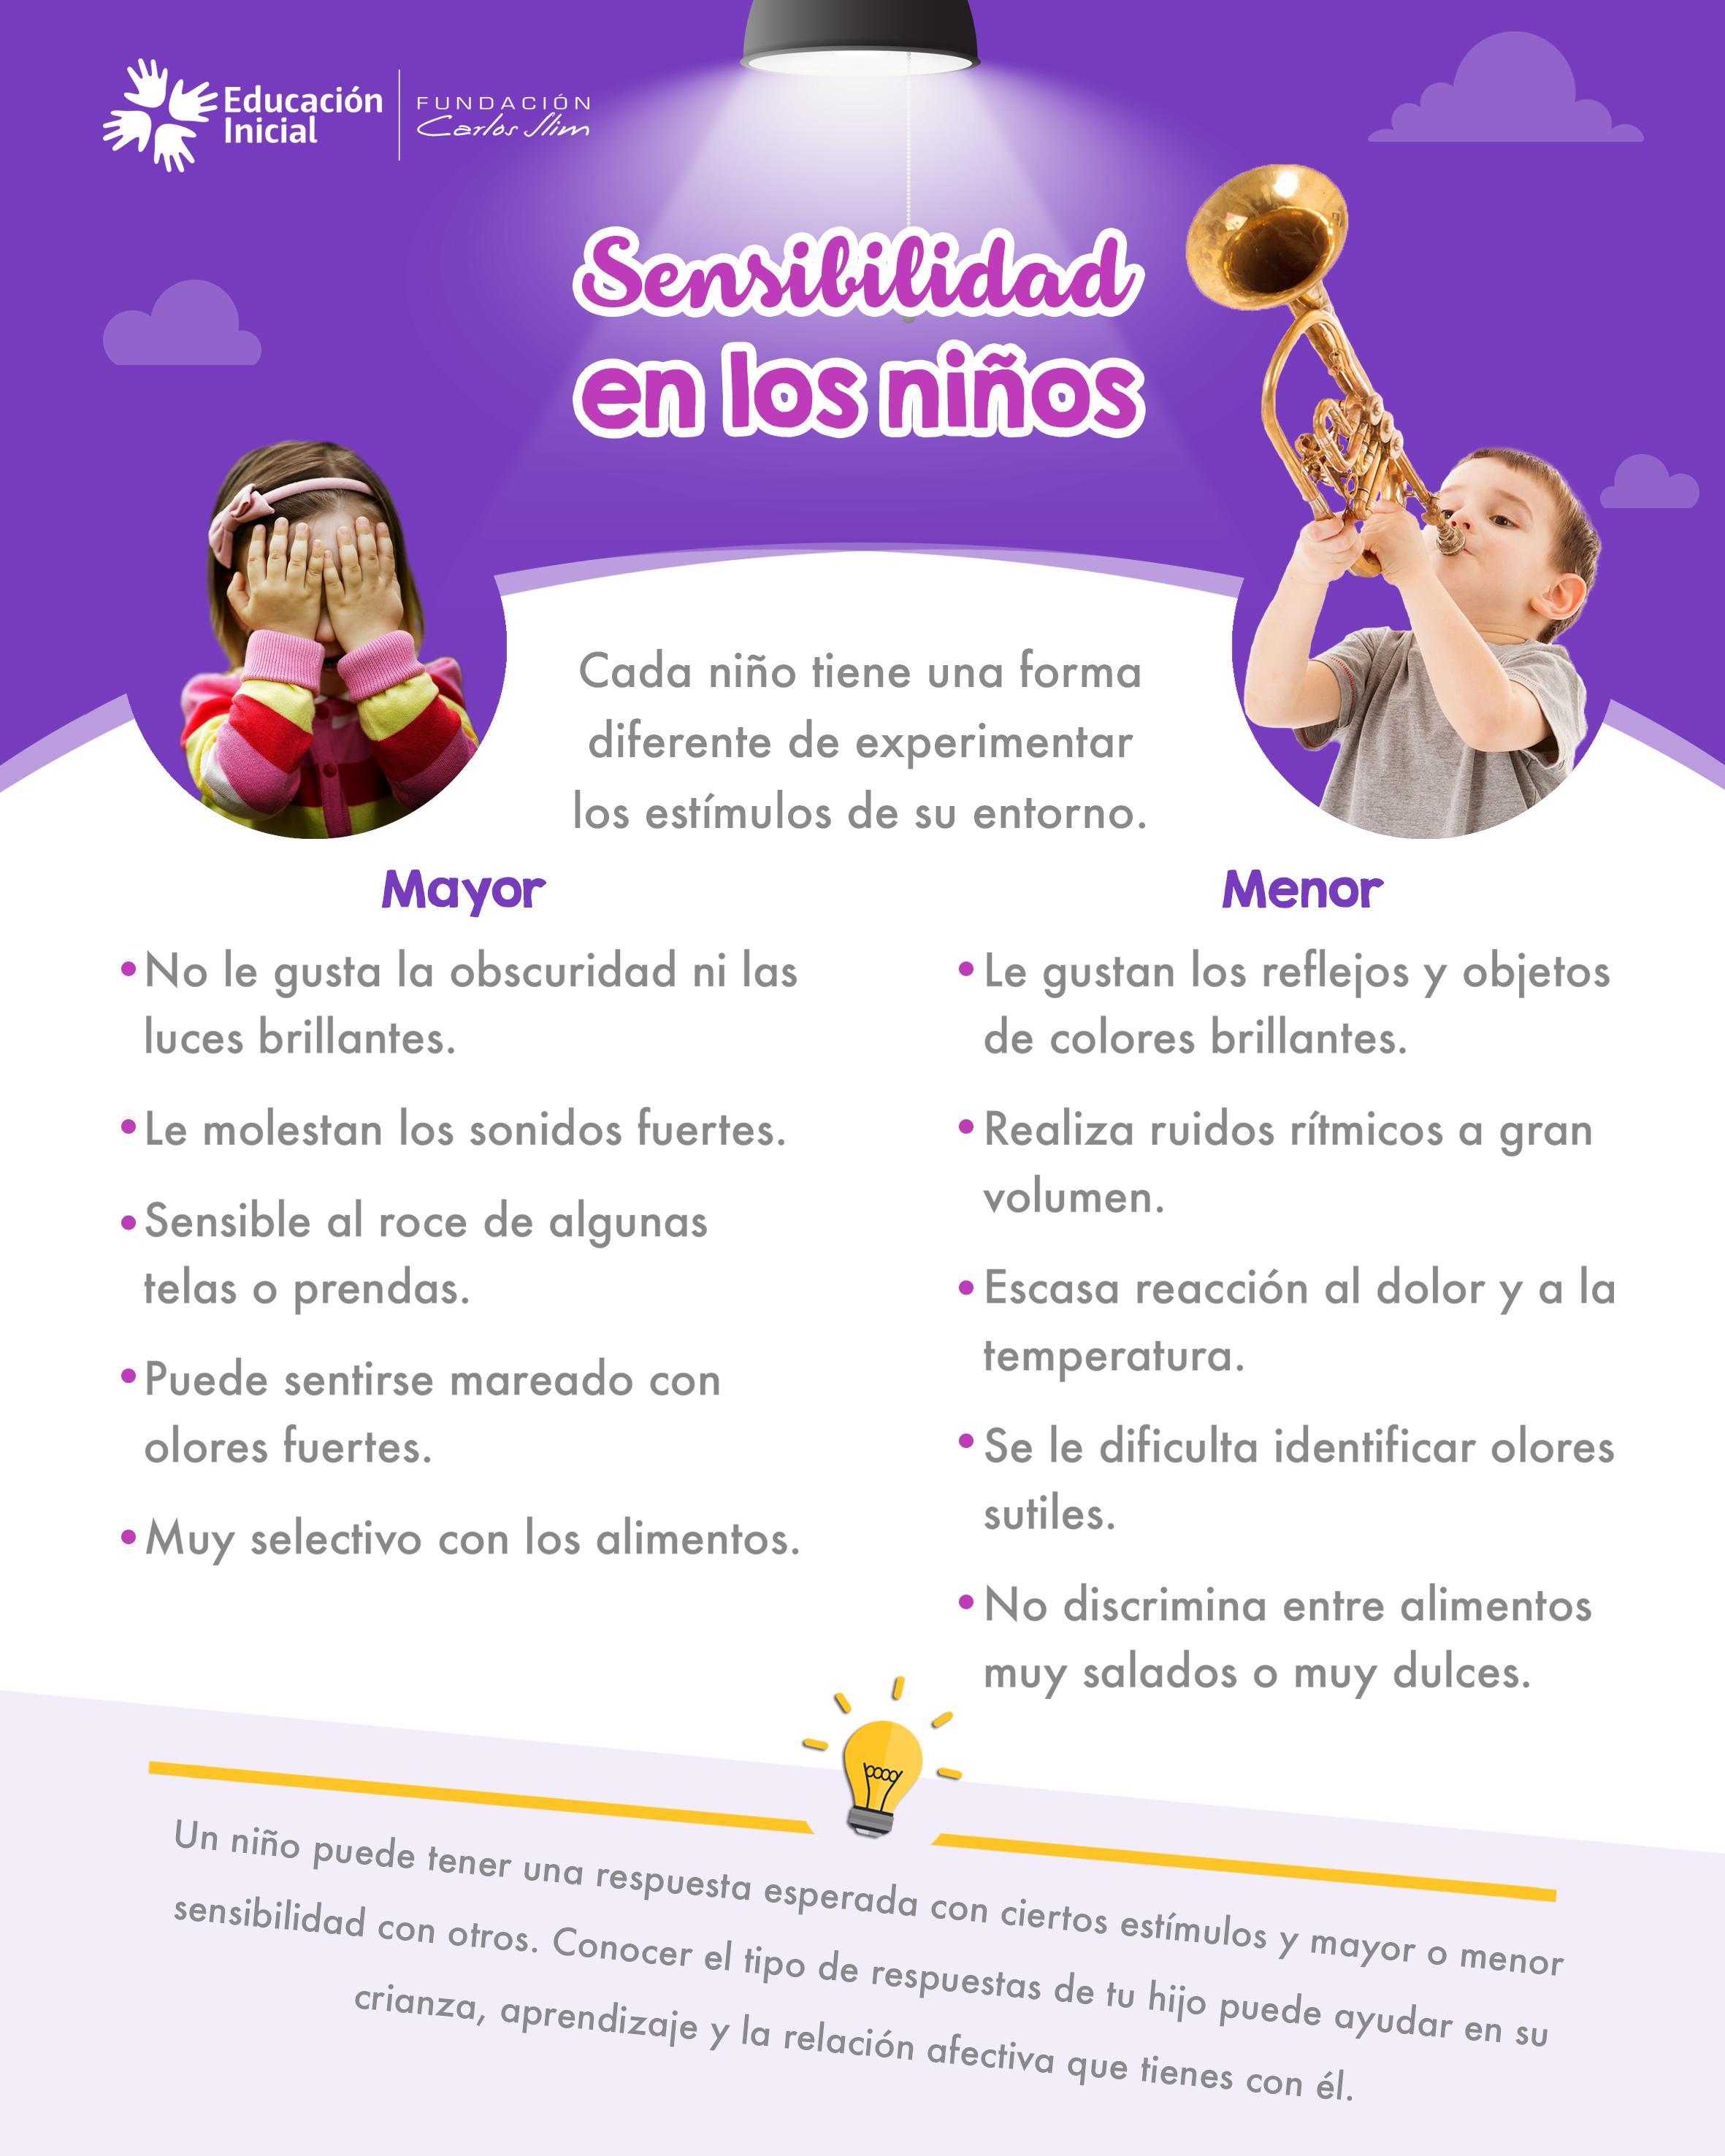 (575) Sensibilidad en los niños